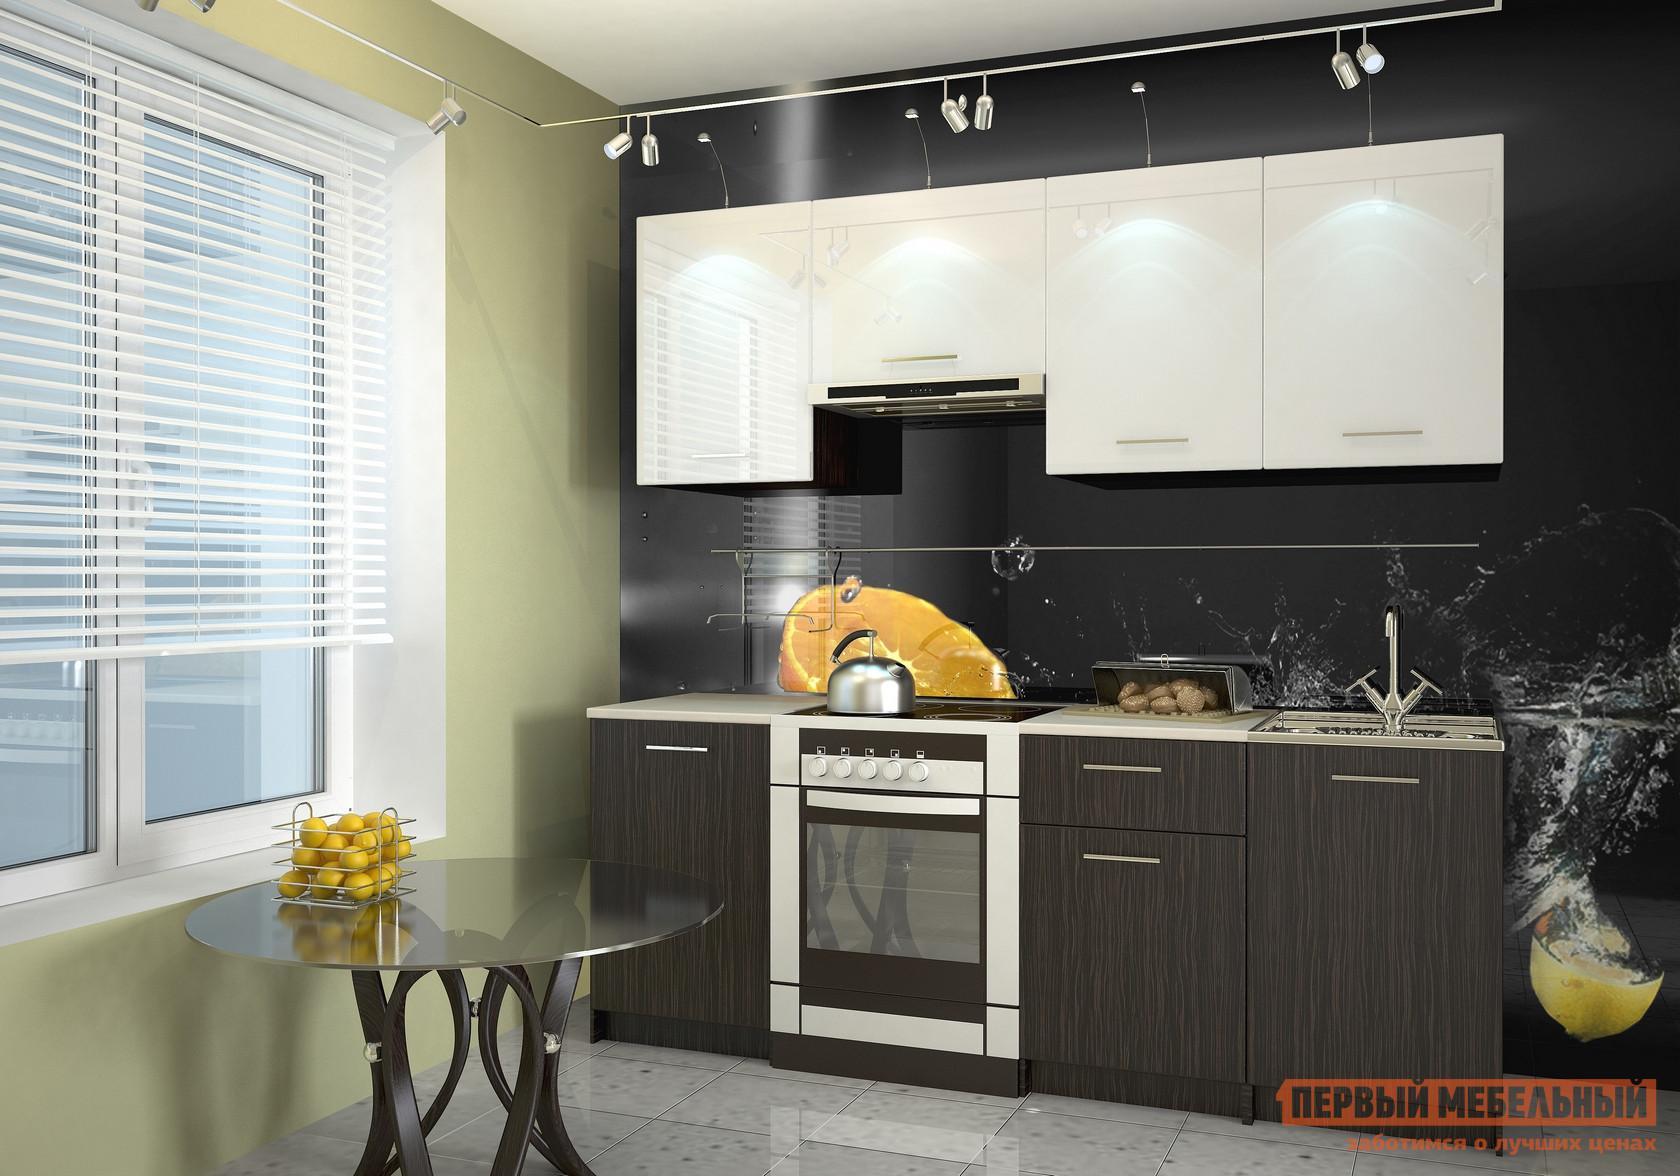 Кухонный гарнитур НК-Мебель Дальма 210 см кухонный гарнитур трия оливия 240 см